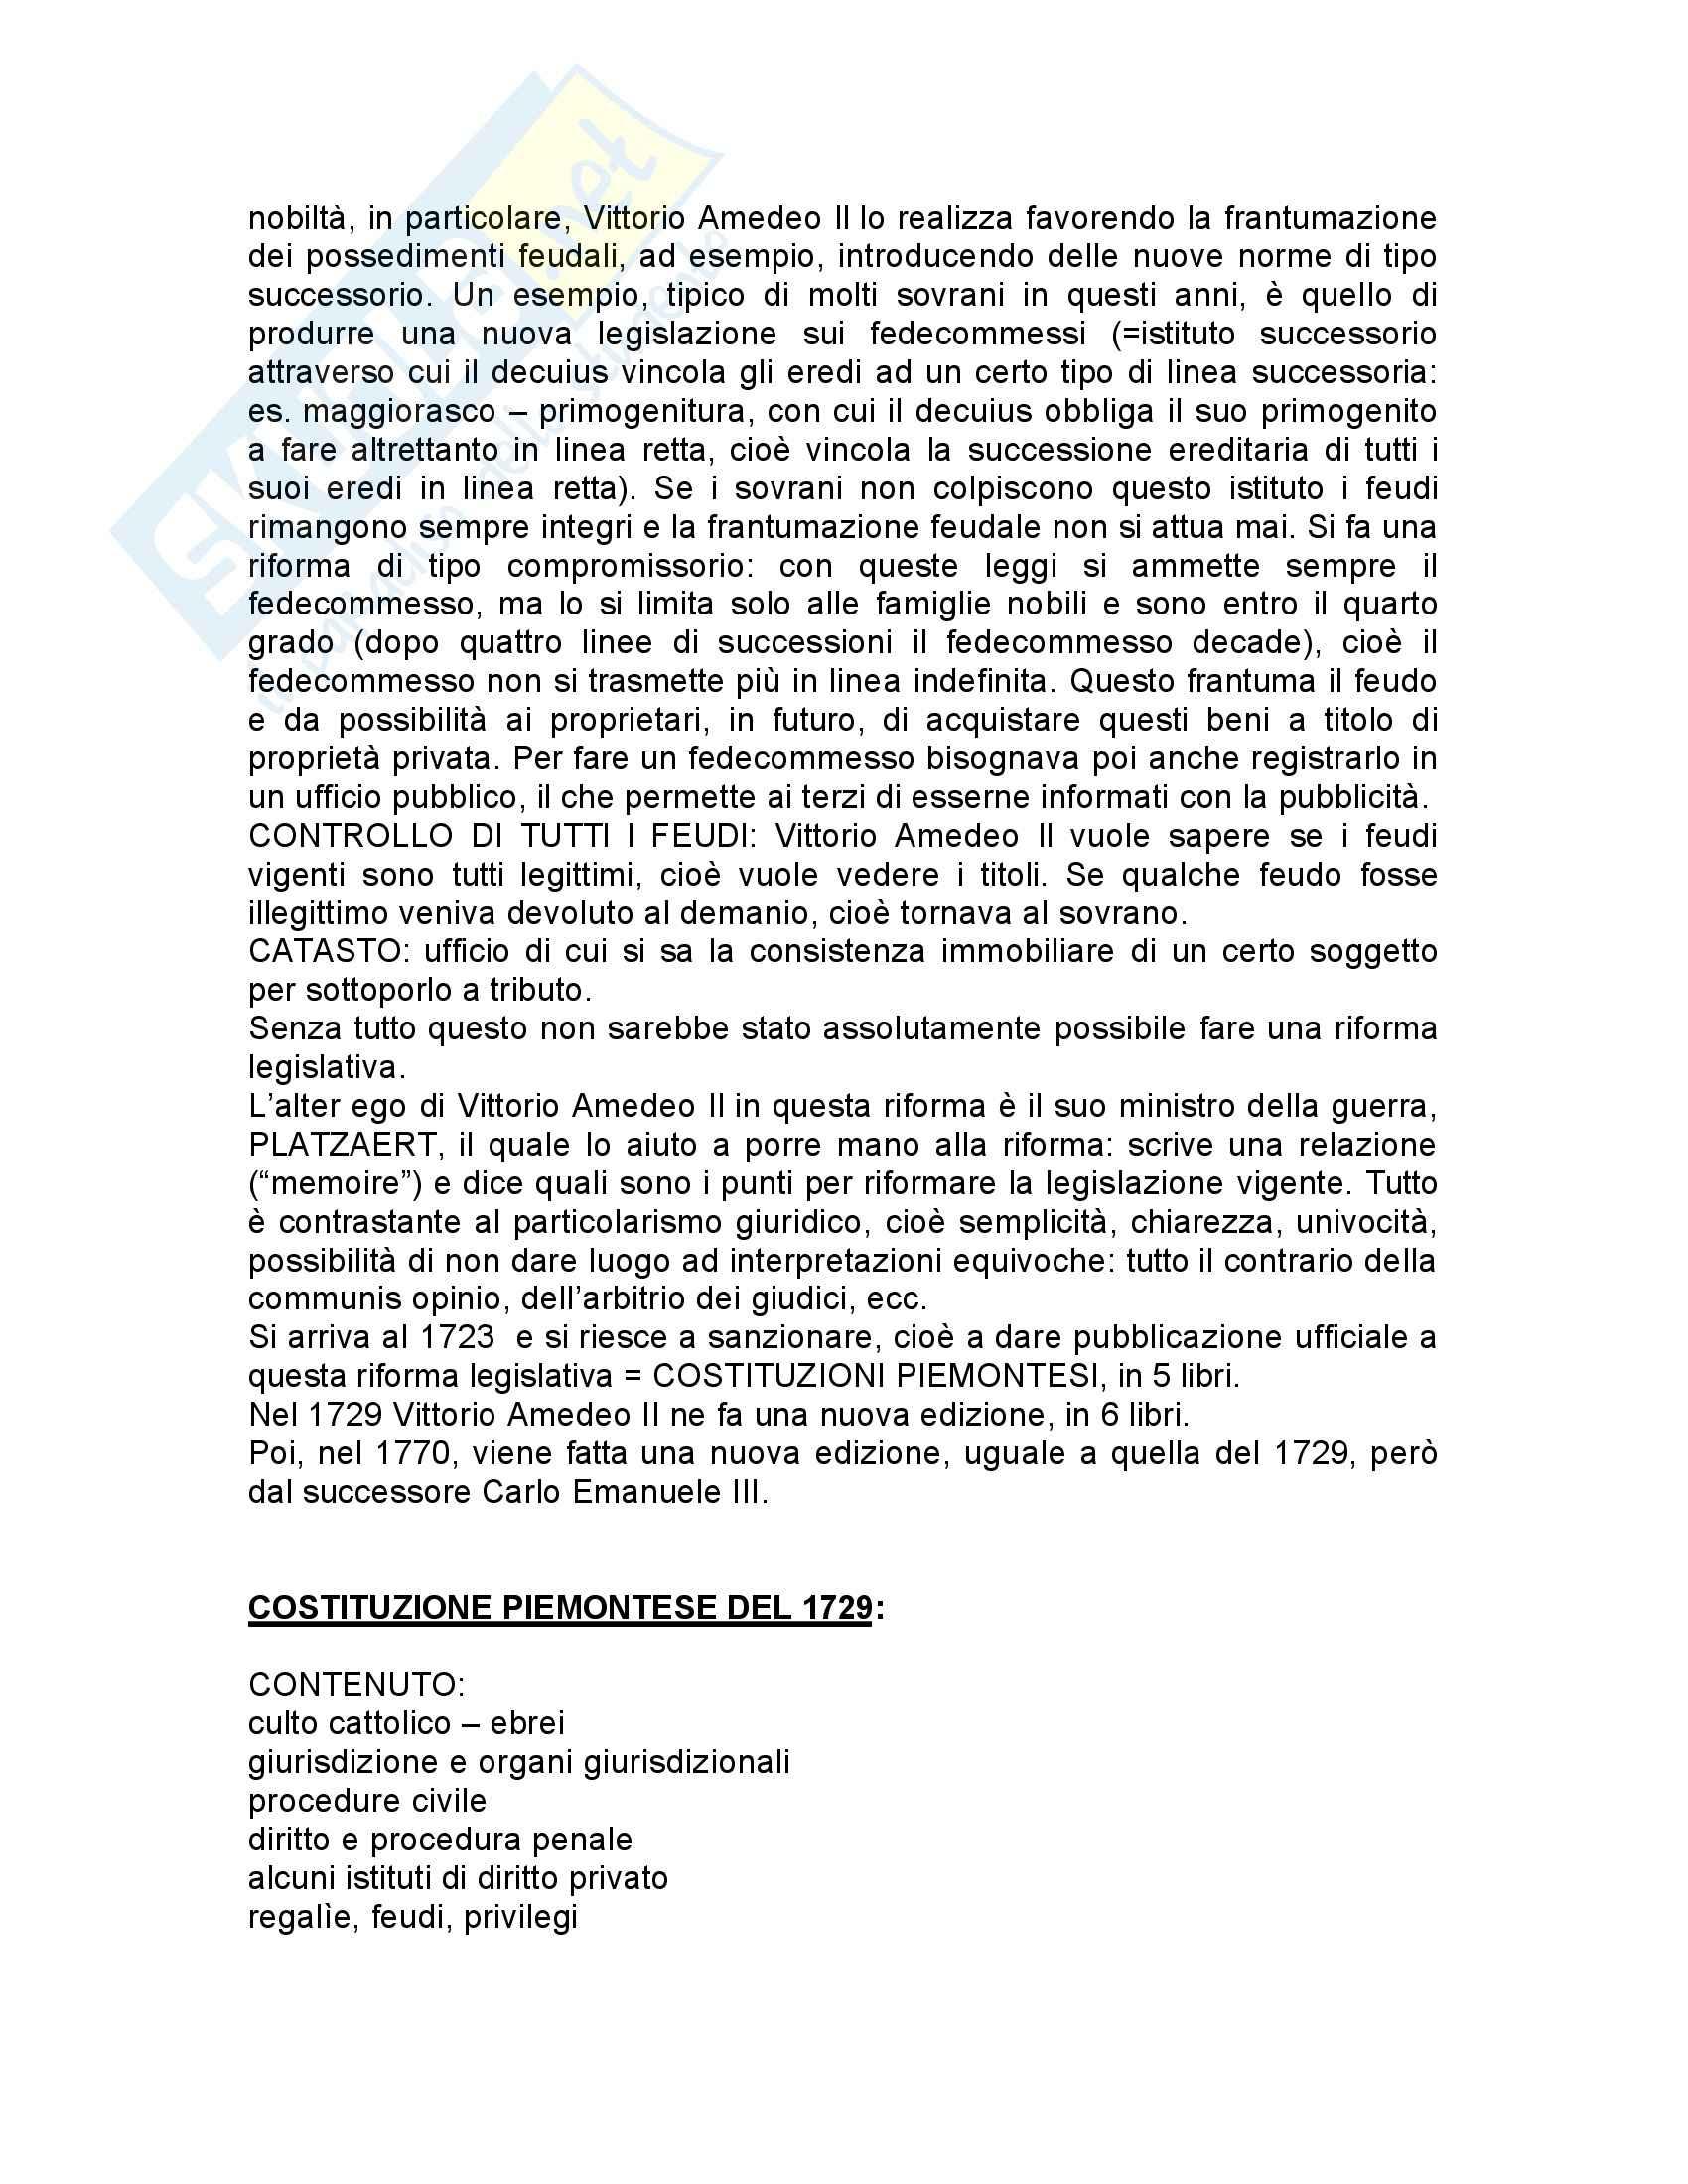 Storia del diritto italiano medievale e moderno Pag. 86